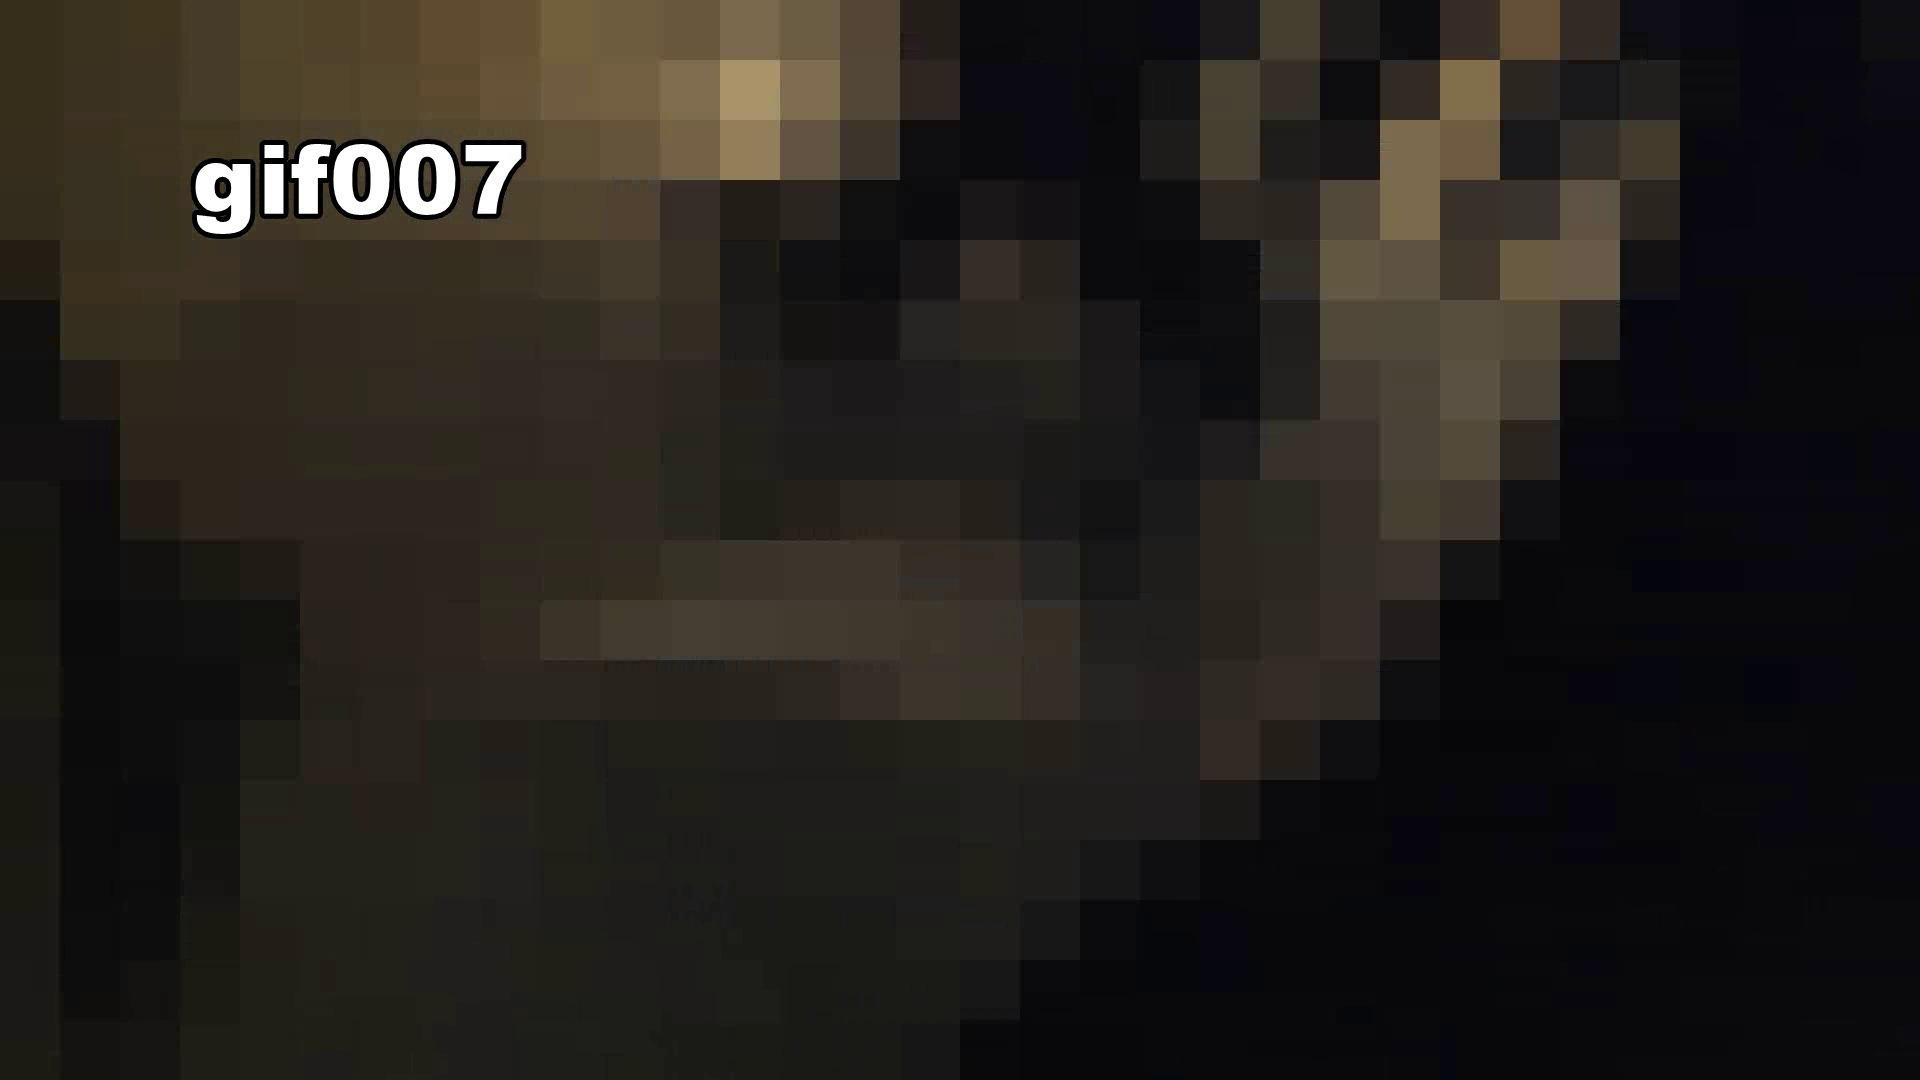 美女詰め合わせギフトvol.07 ようこそ幻想の世界へ OLハメ撮り  43Pix 13